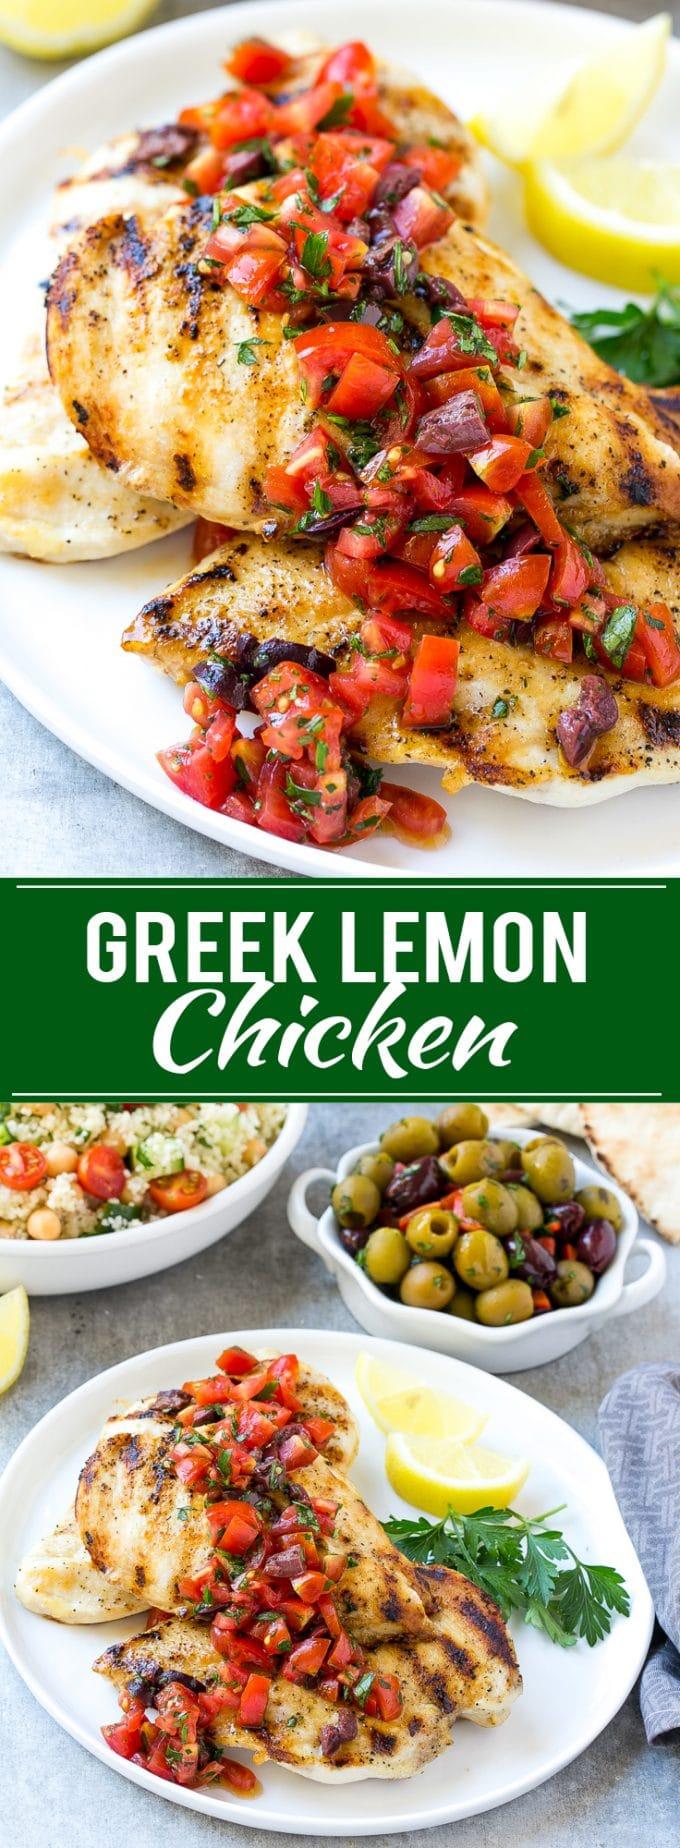 Greek Lemon Chicken Recipe | Lemon Chicken | Greek Chicken | Grilled Chicken | Healthy Chicken Recipe #chicken #greek #grilling #lemon #dinner #dinneratthezoo